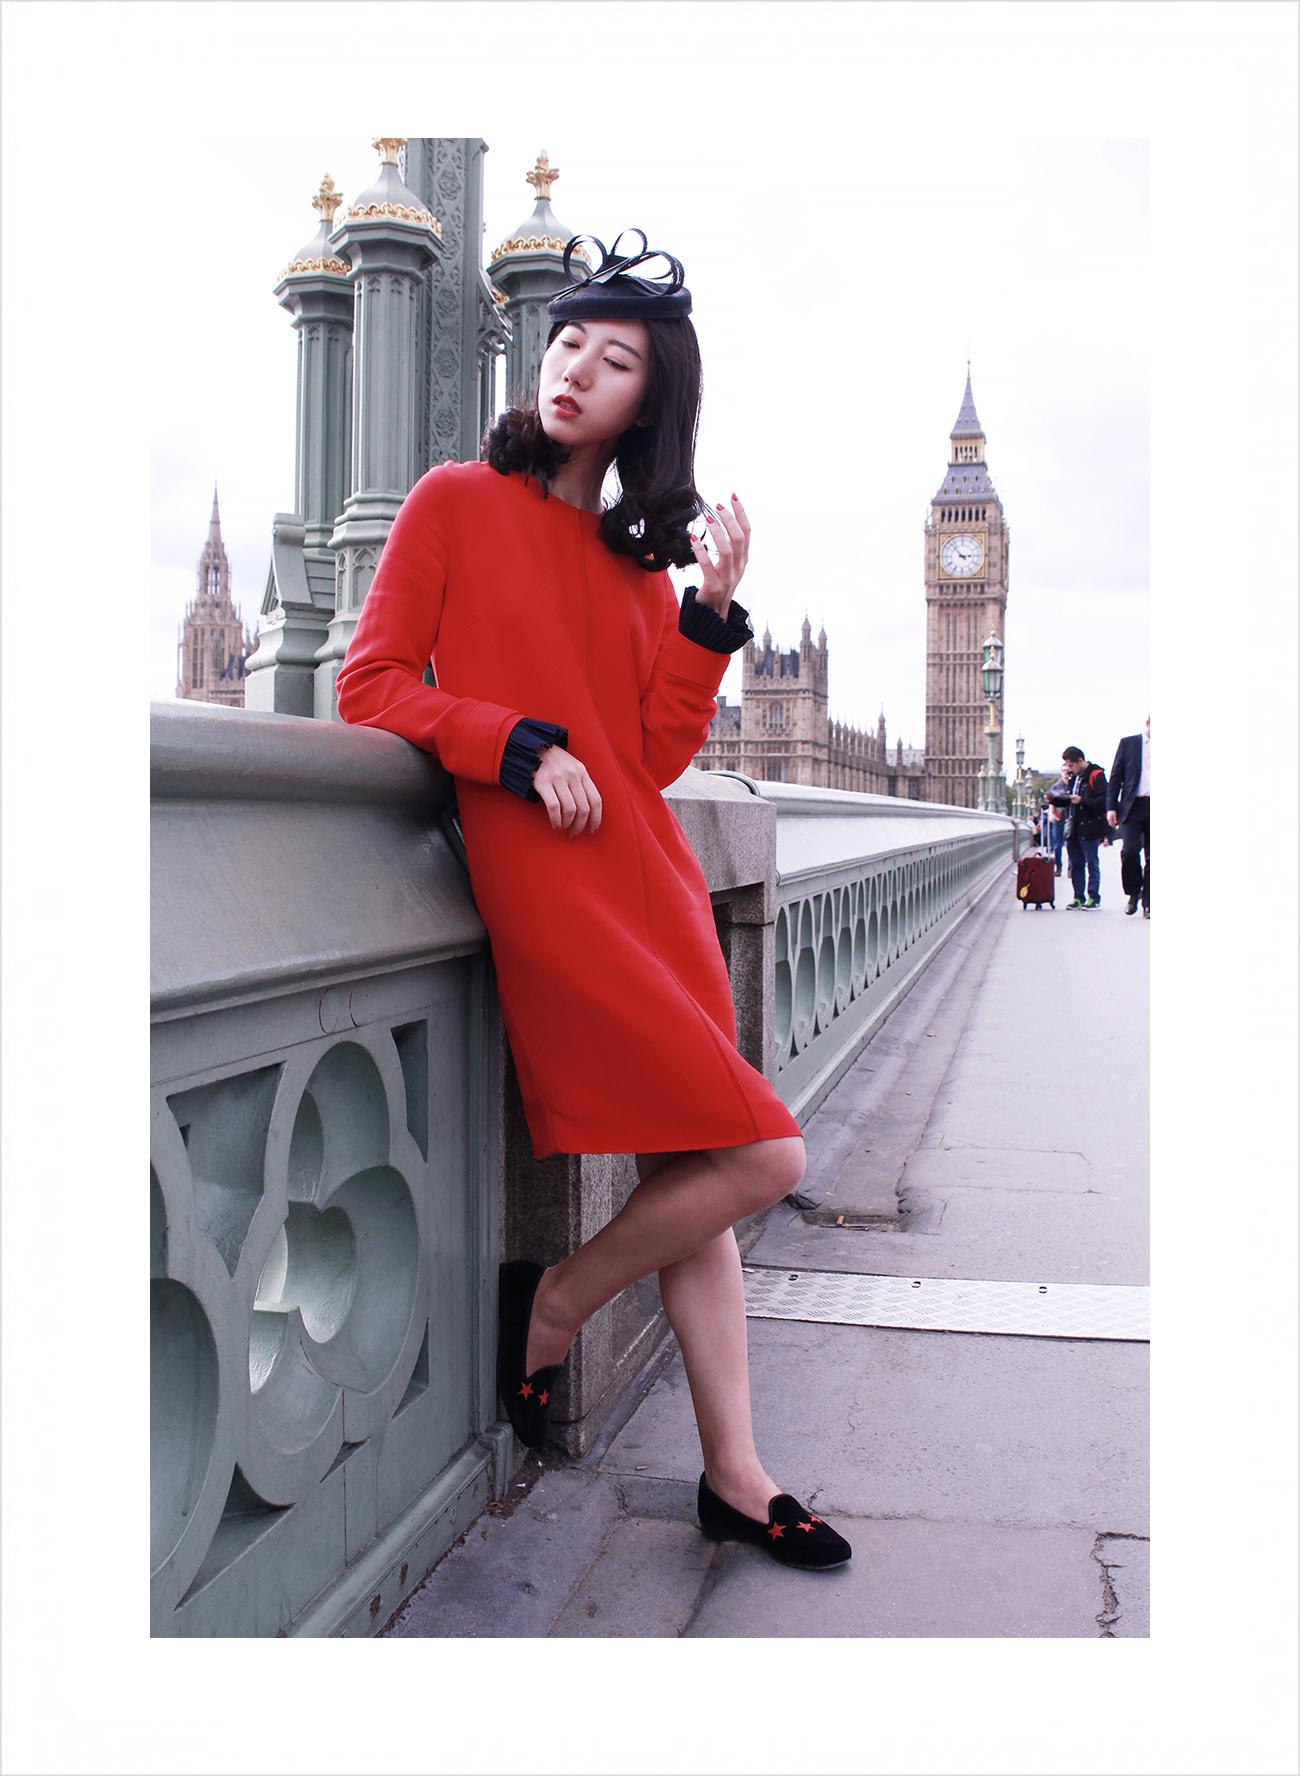 Victoria-Beckham-Reddress-5